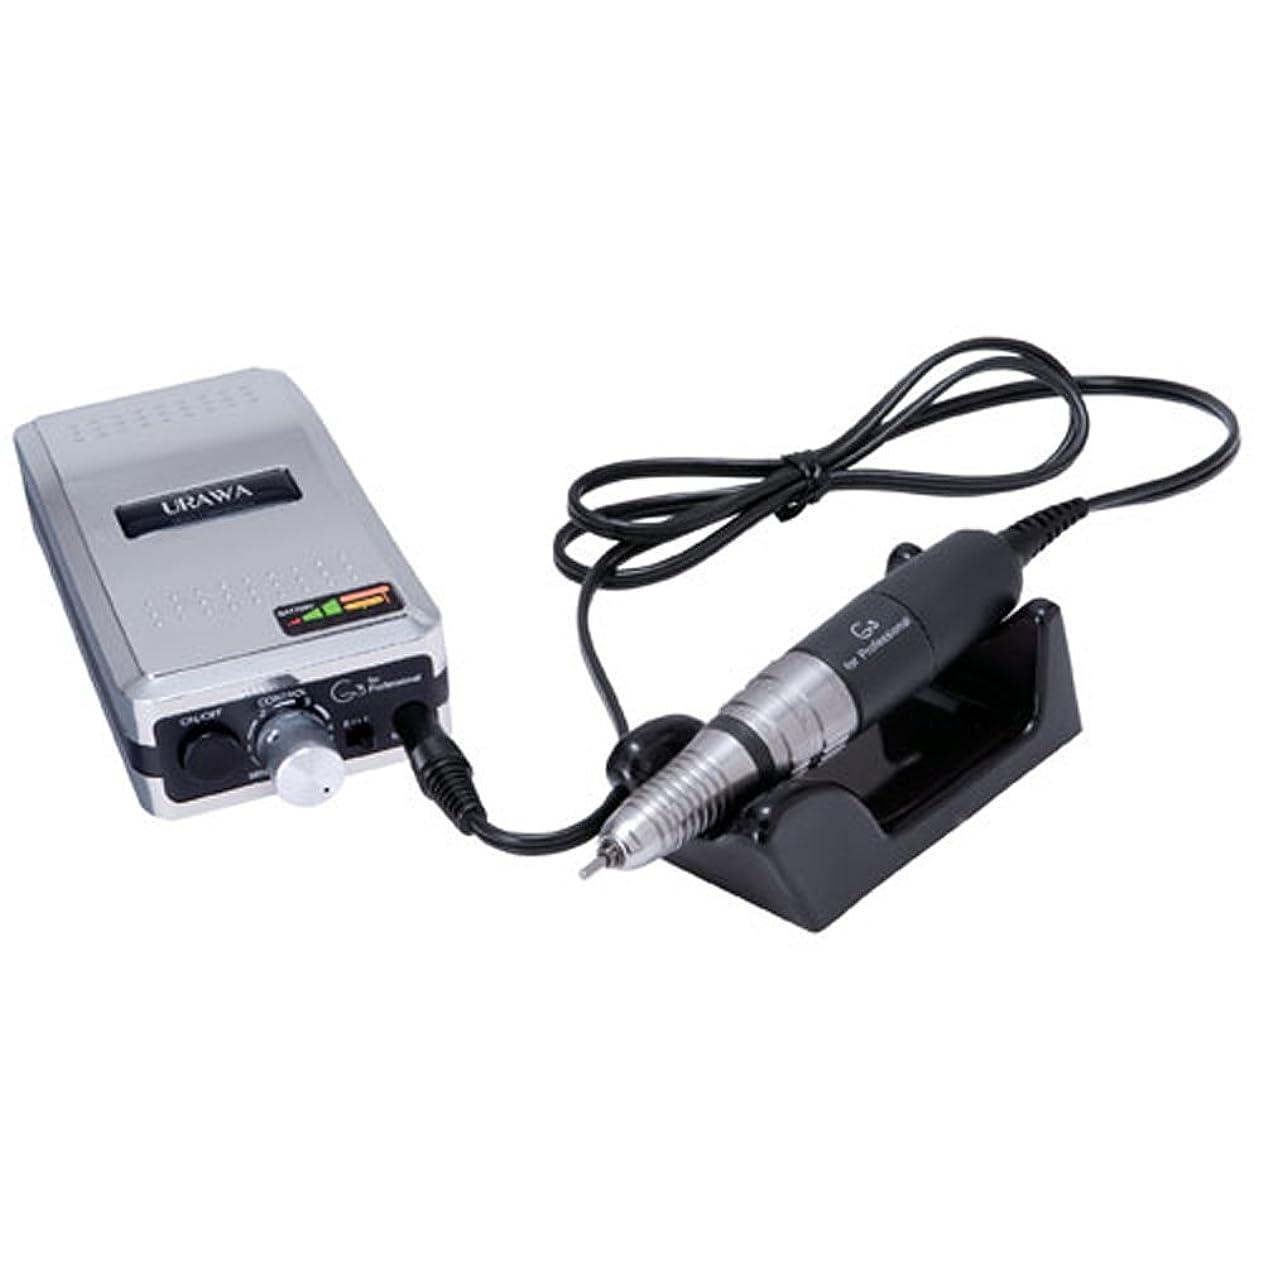 電信塗抹配置ポータブルネイルマシーンG3 シルバー